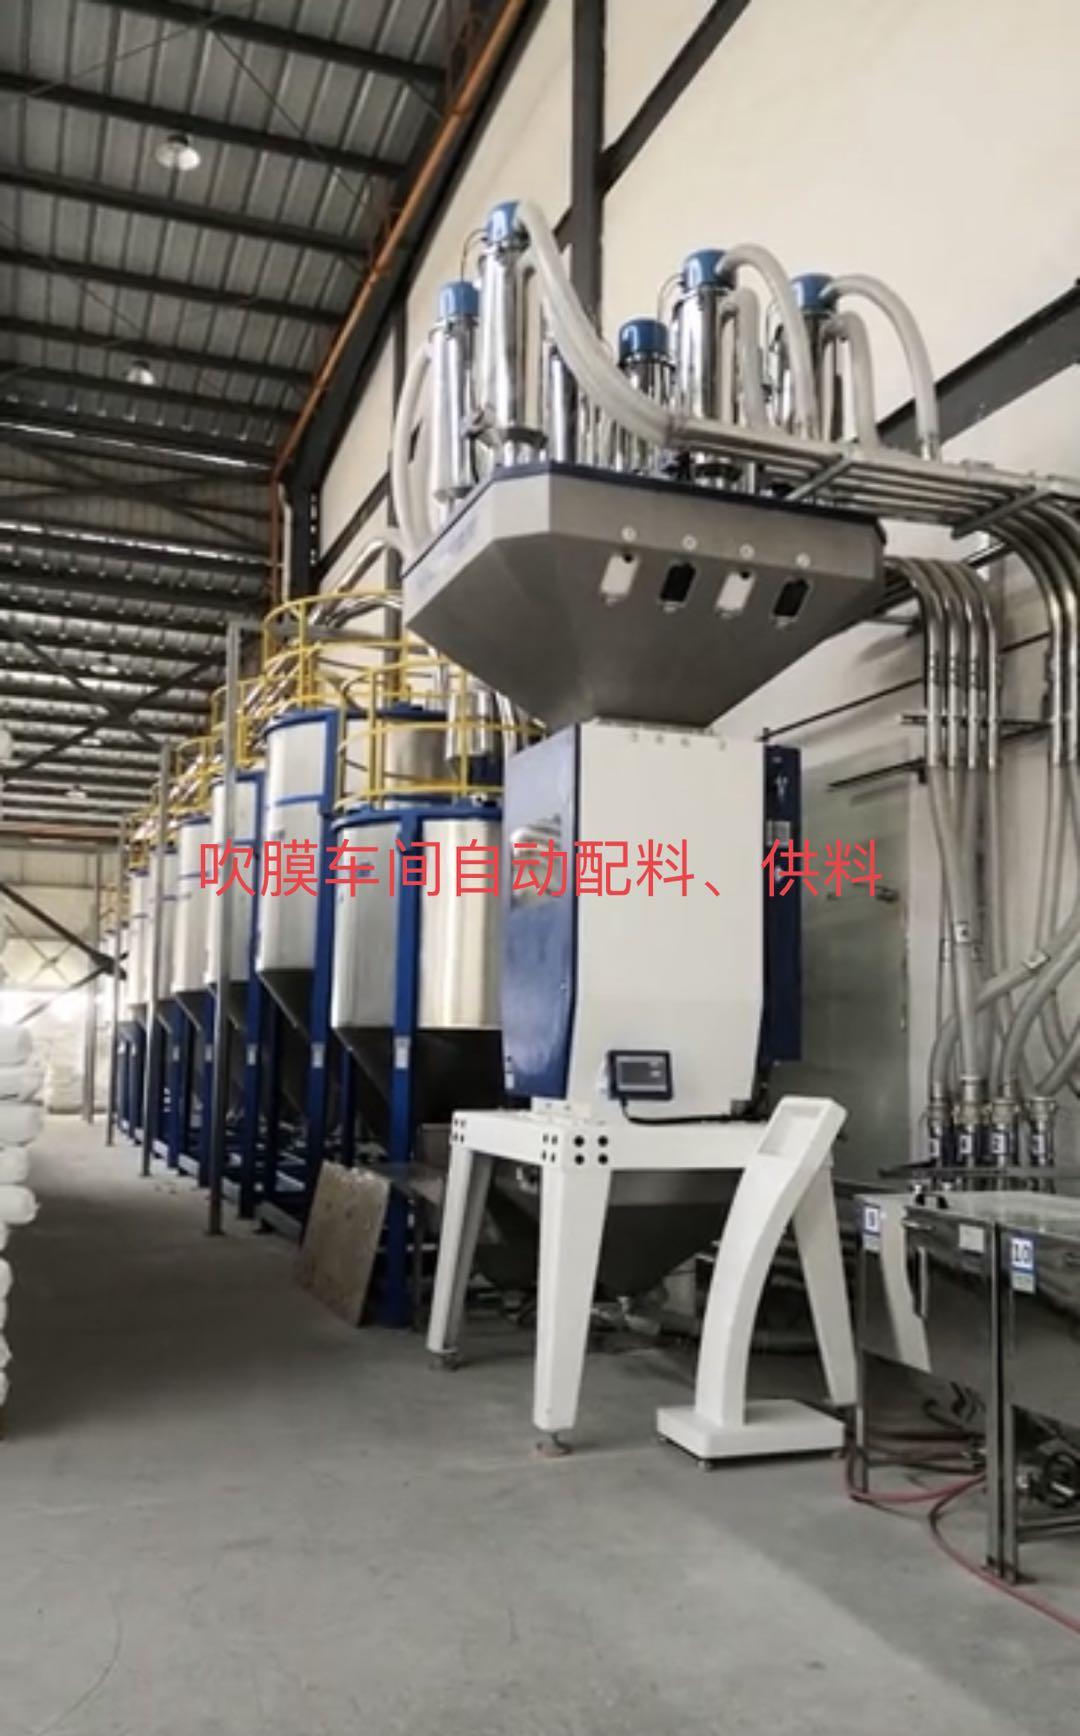 吹膜挤出自动配料厂家 吹膜挤出自动配料价格